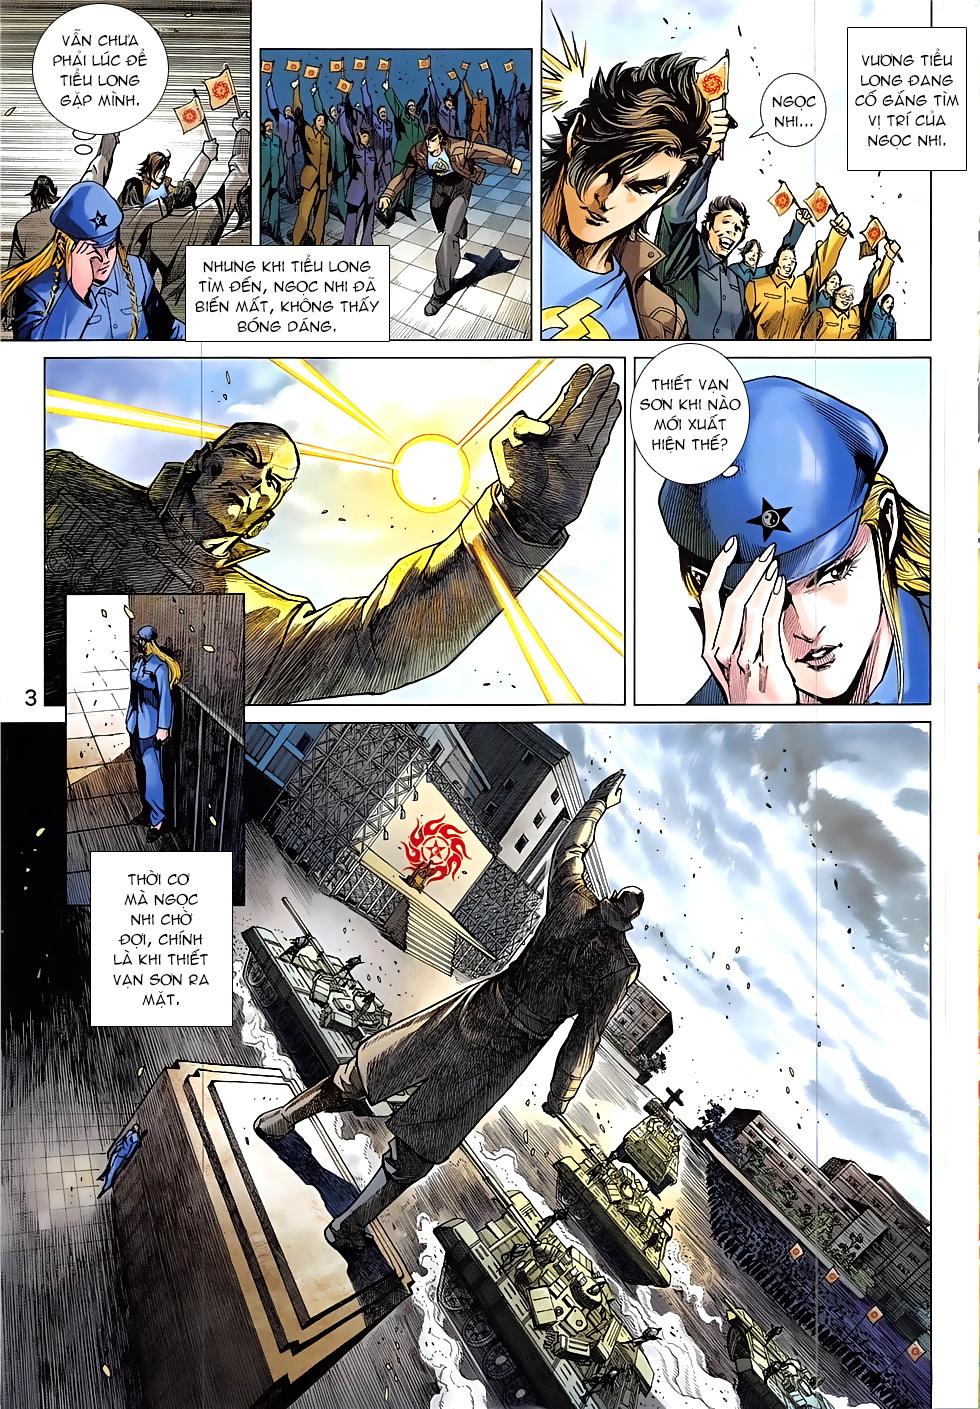 Tân Tác Long Hổ Môn trang 3